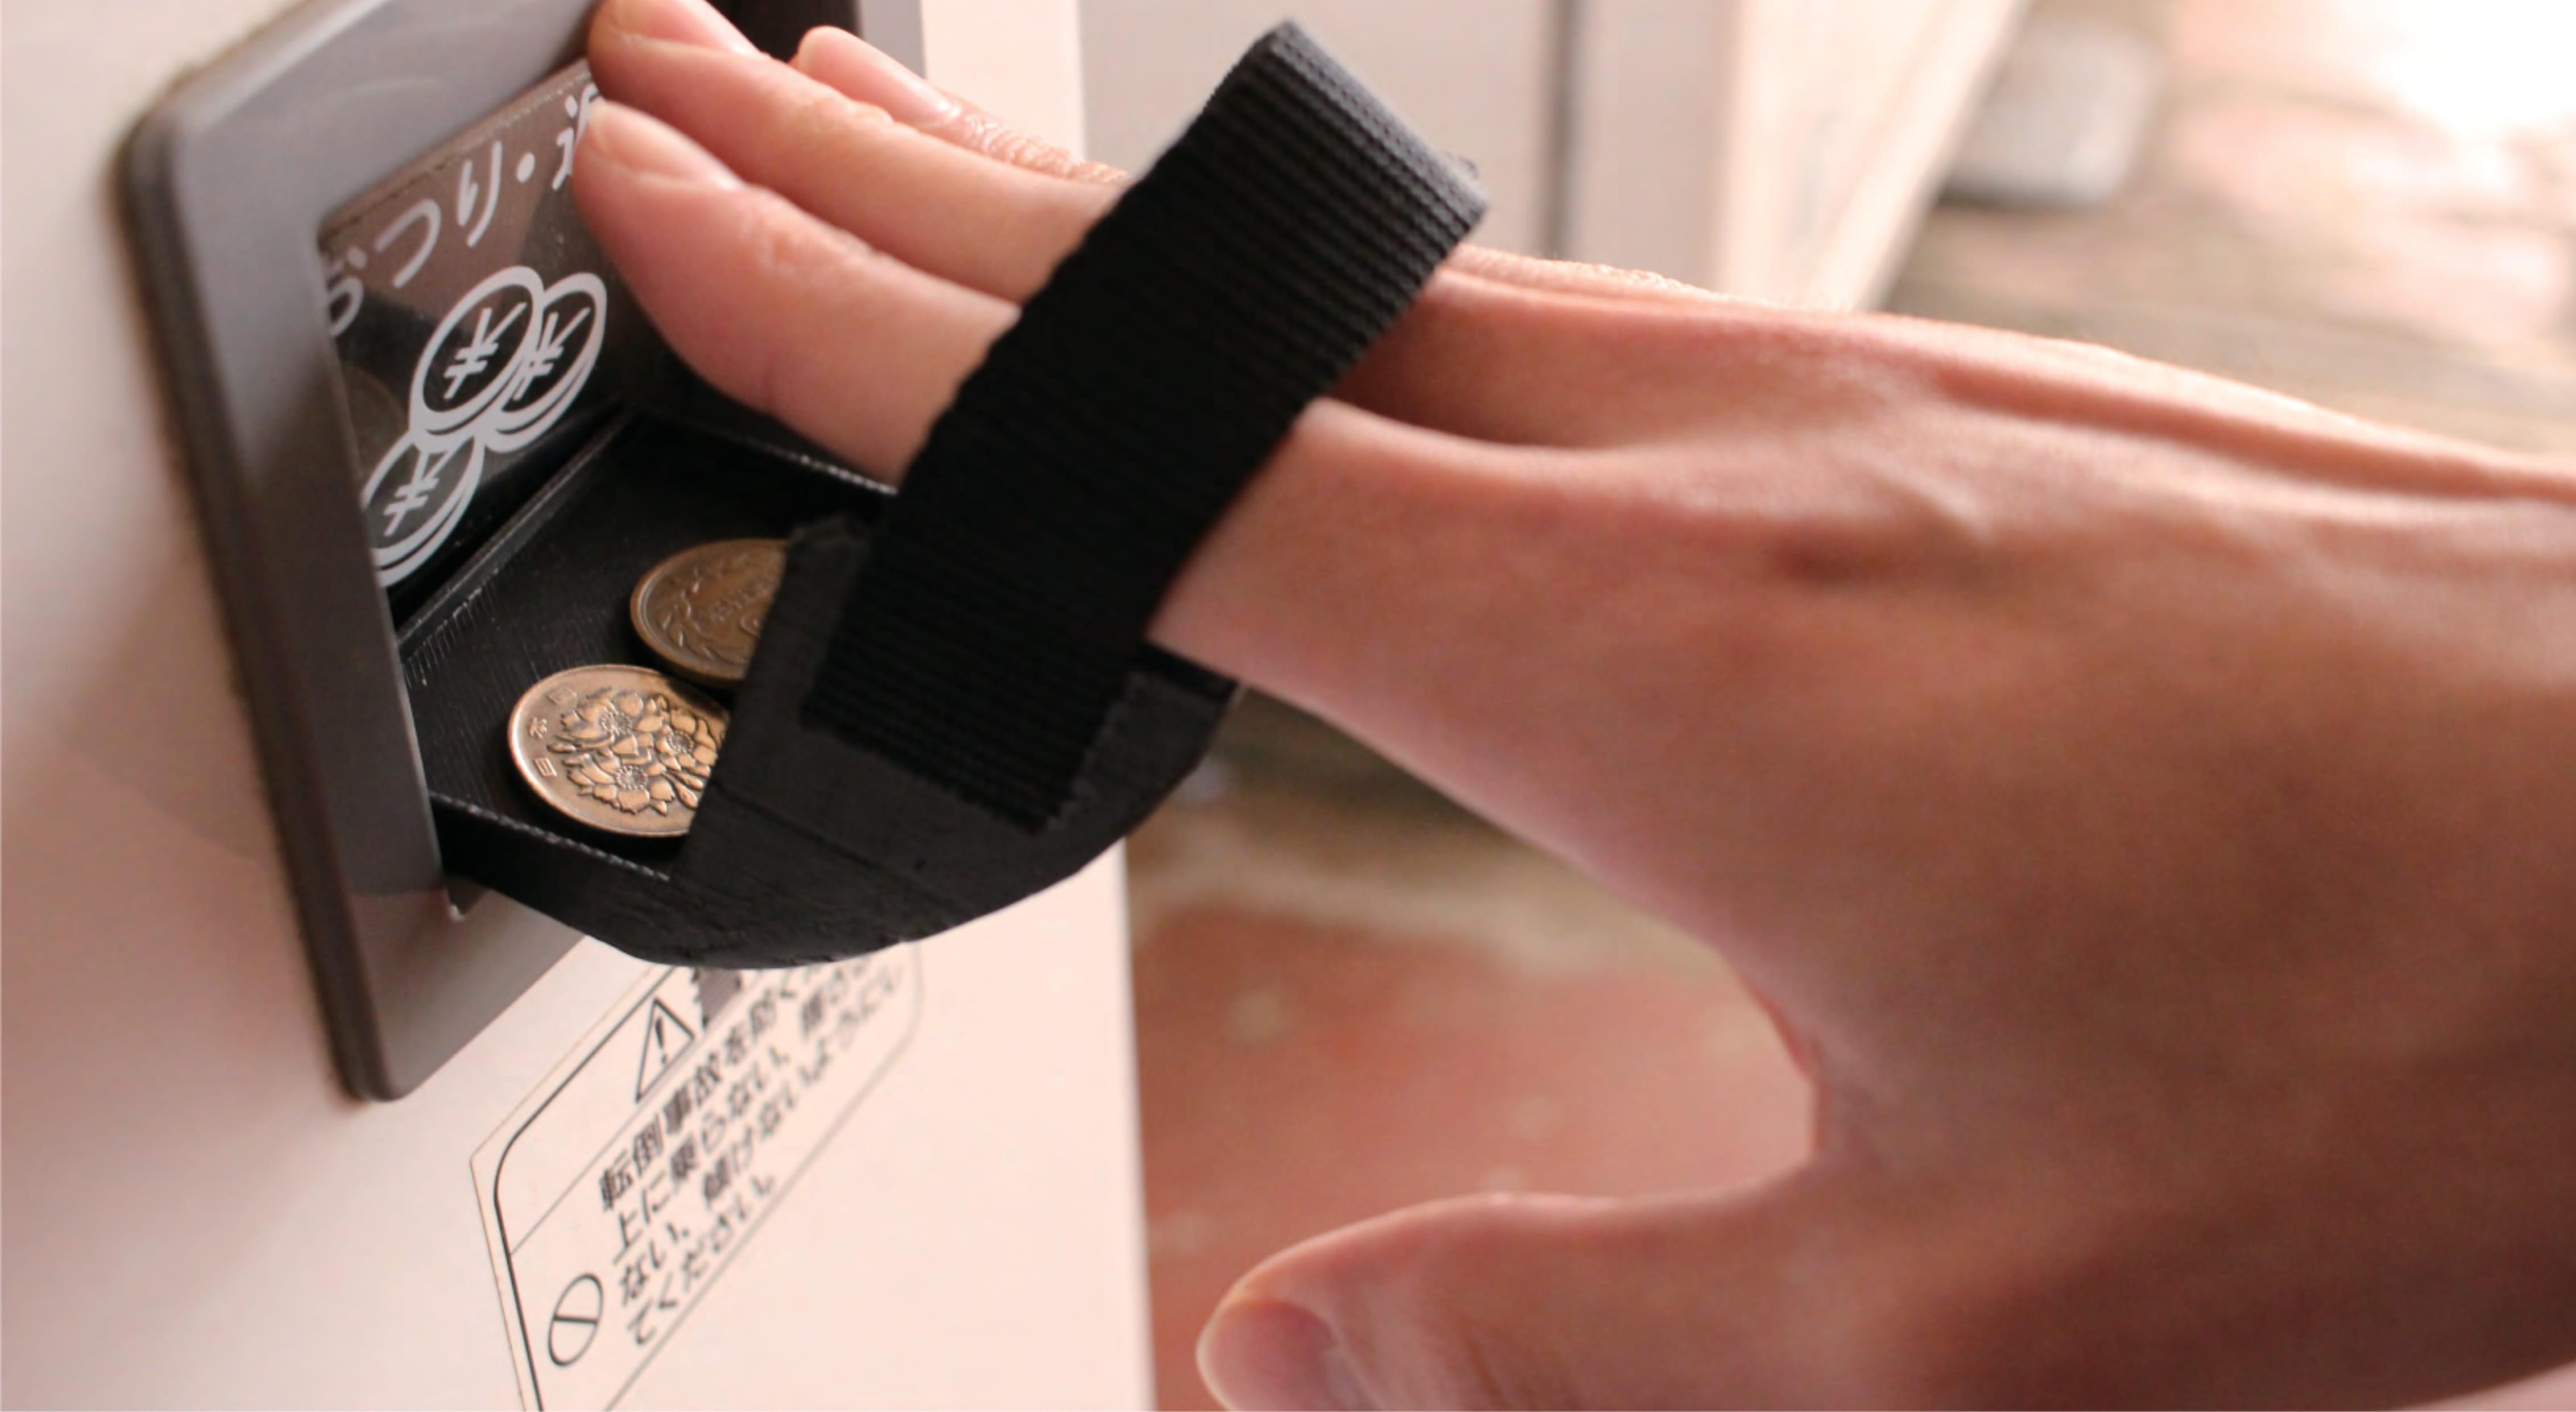 頸髄損傷者のための自動販売機小銭使用補助具